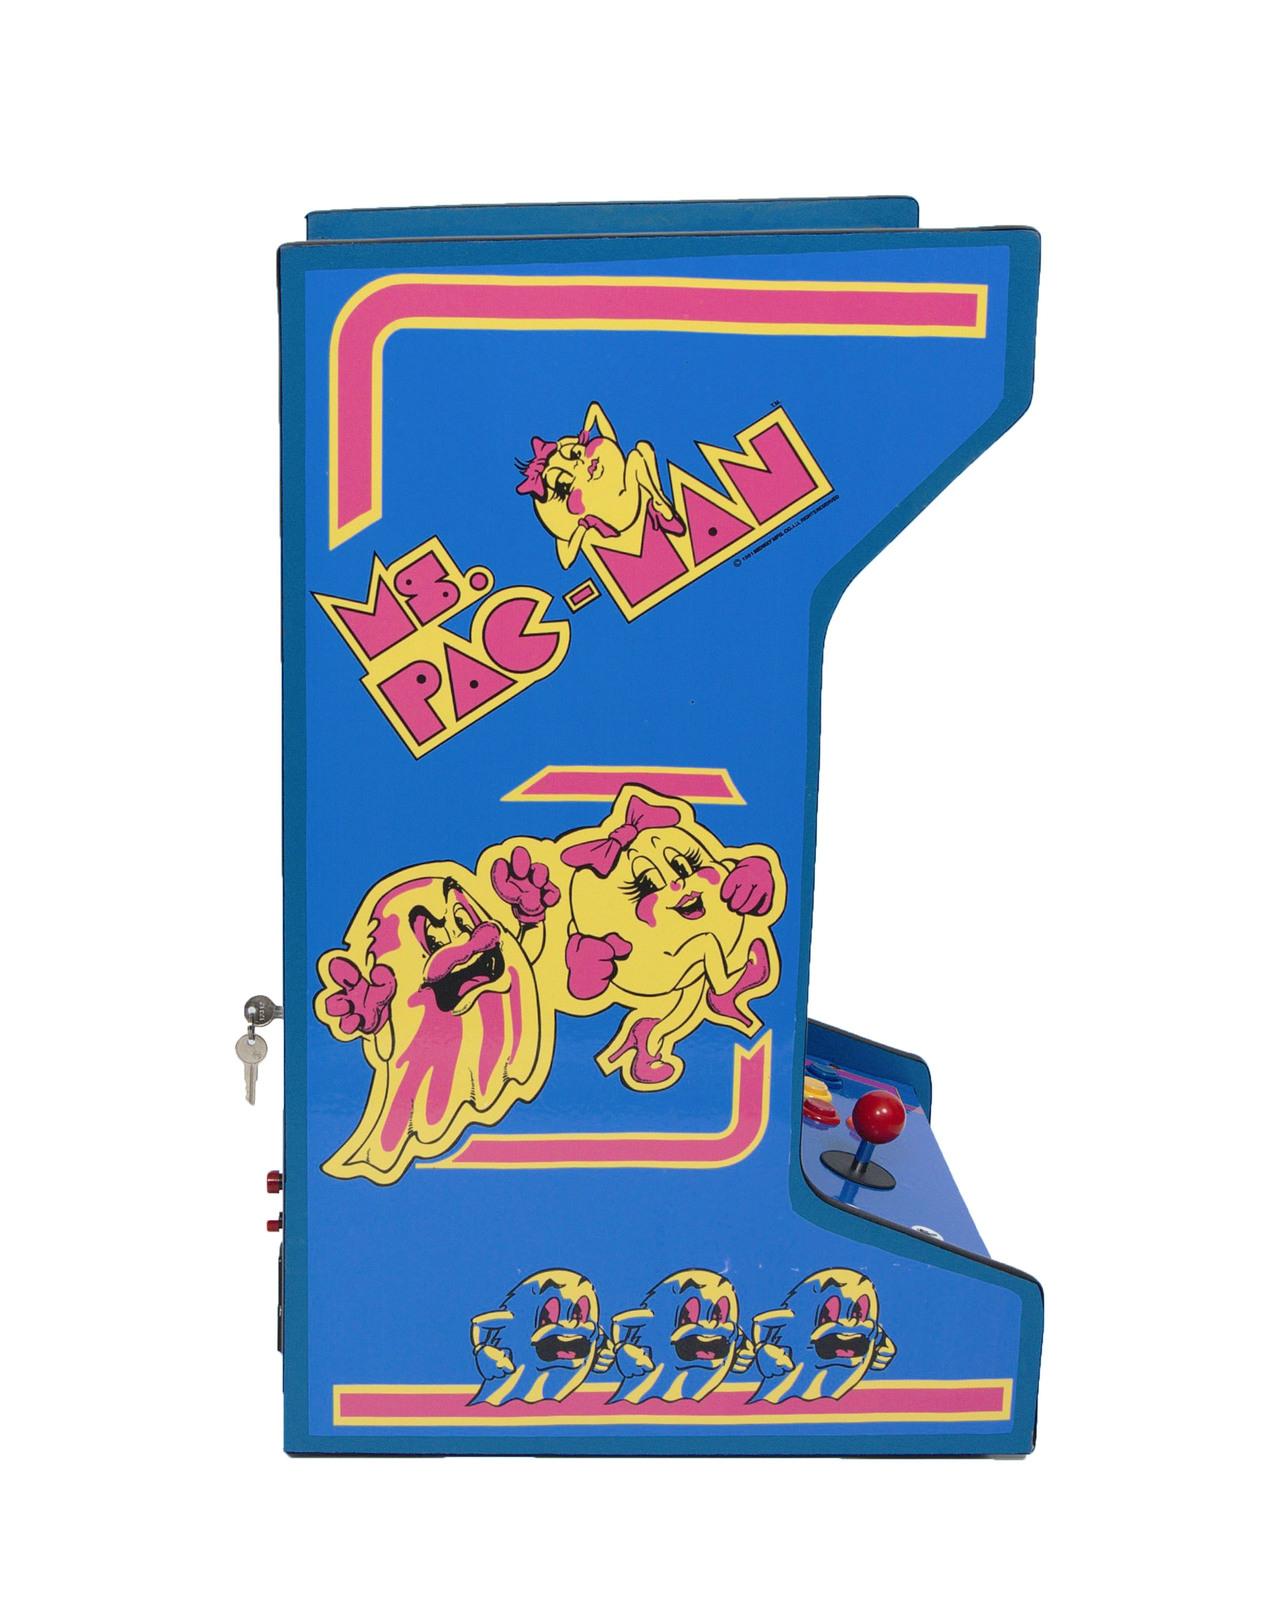 ms pacman arcade machine